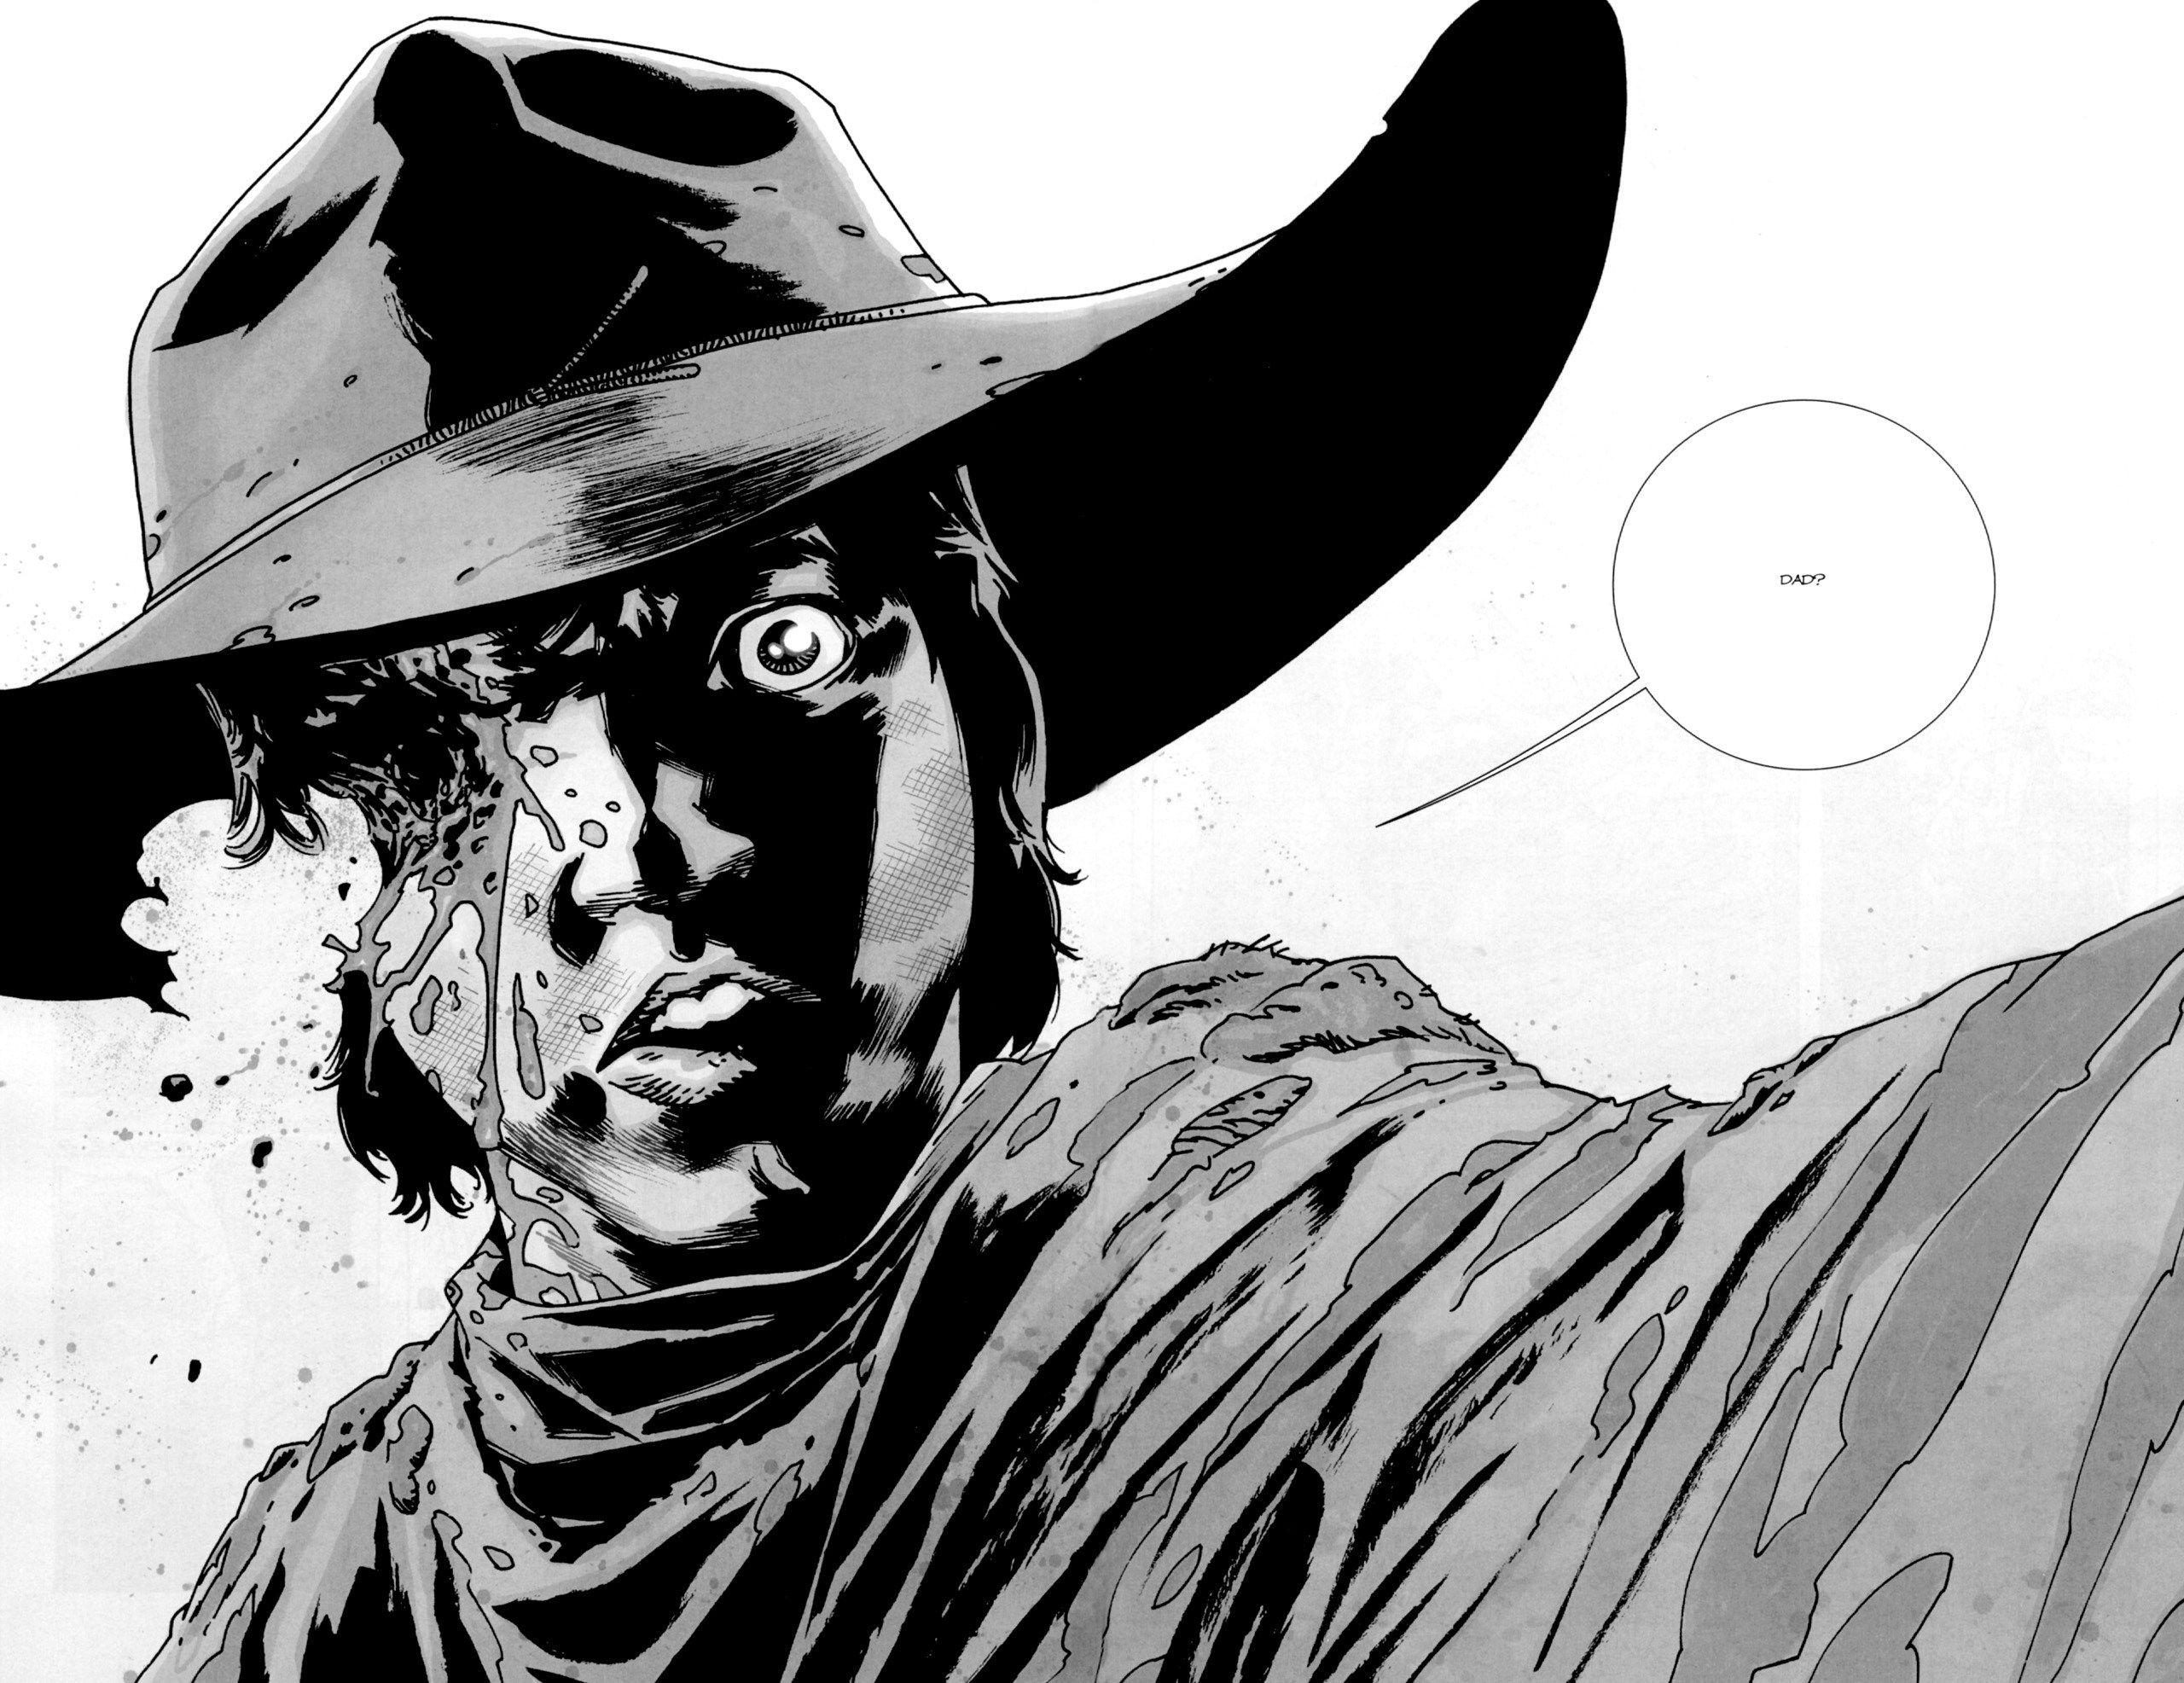 1707357 Hd Wallpaper The Walking Dead